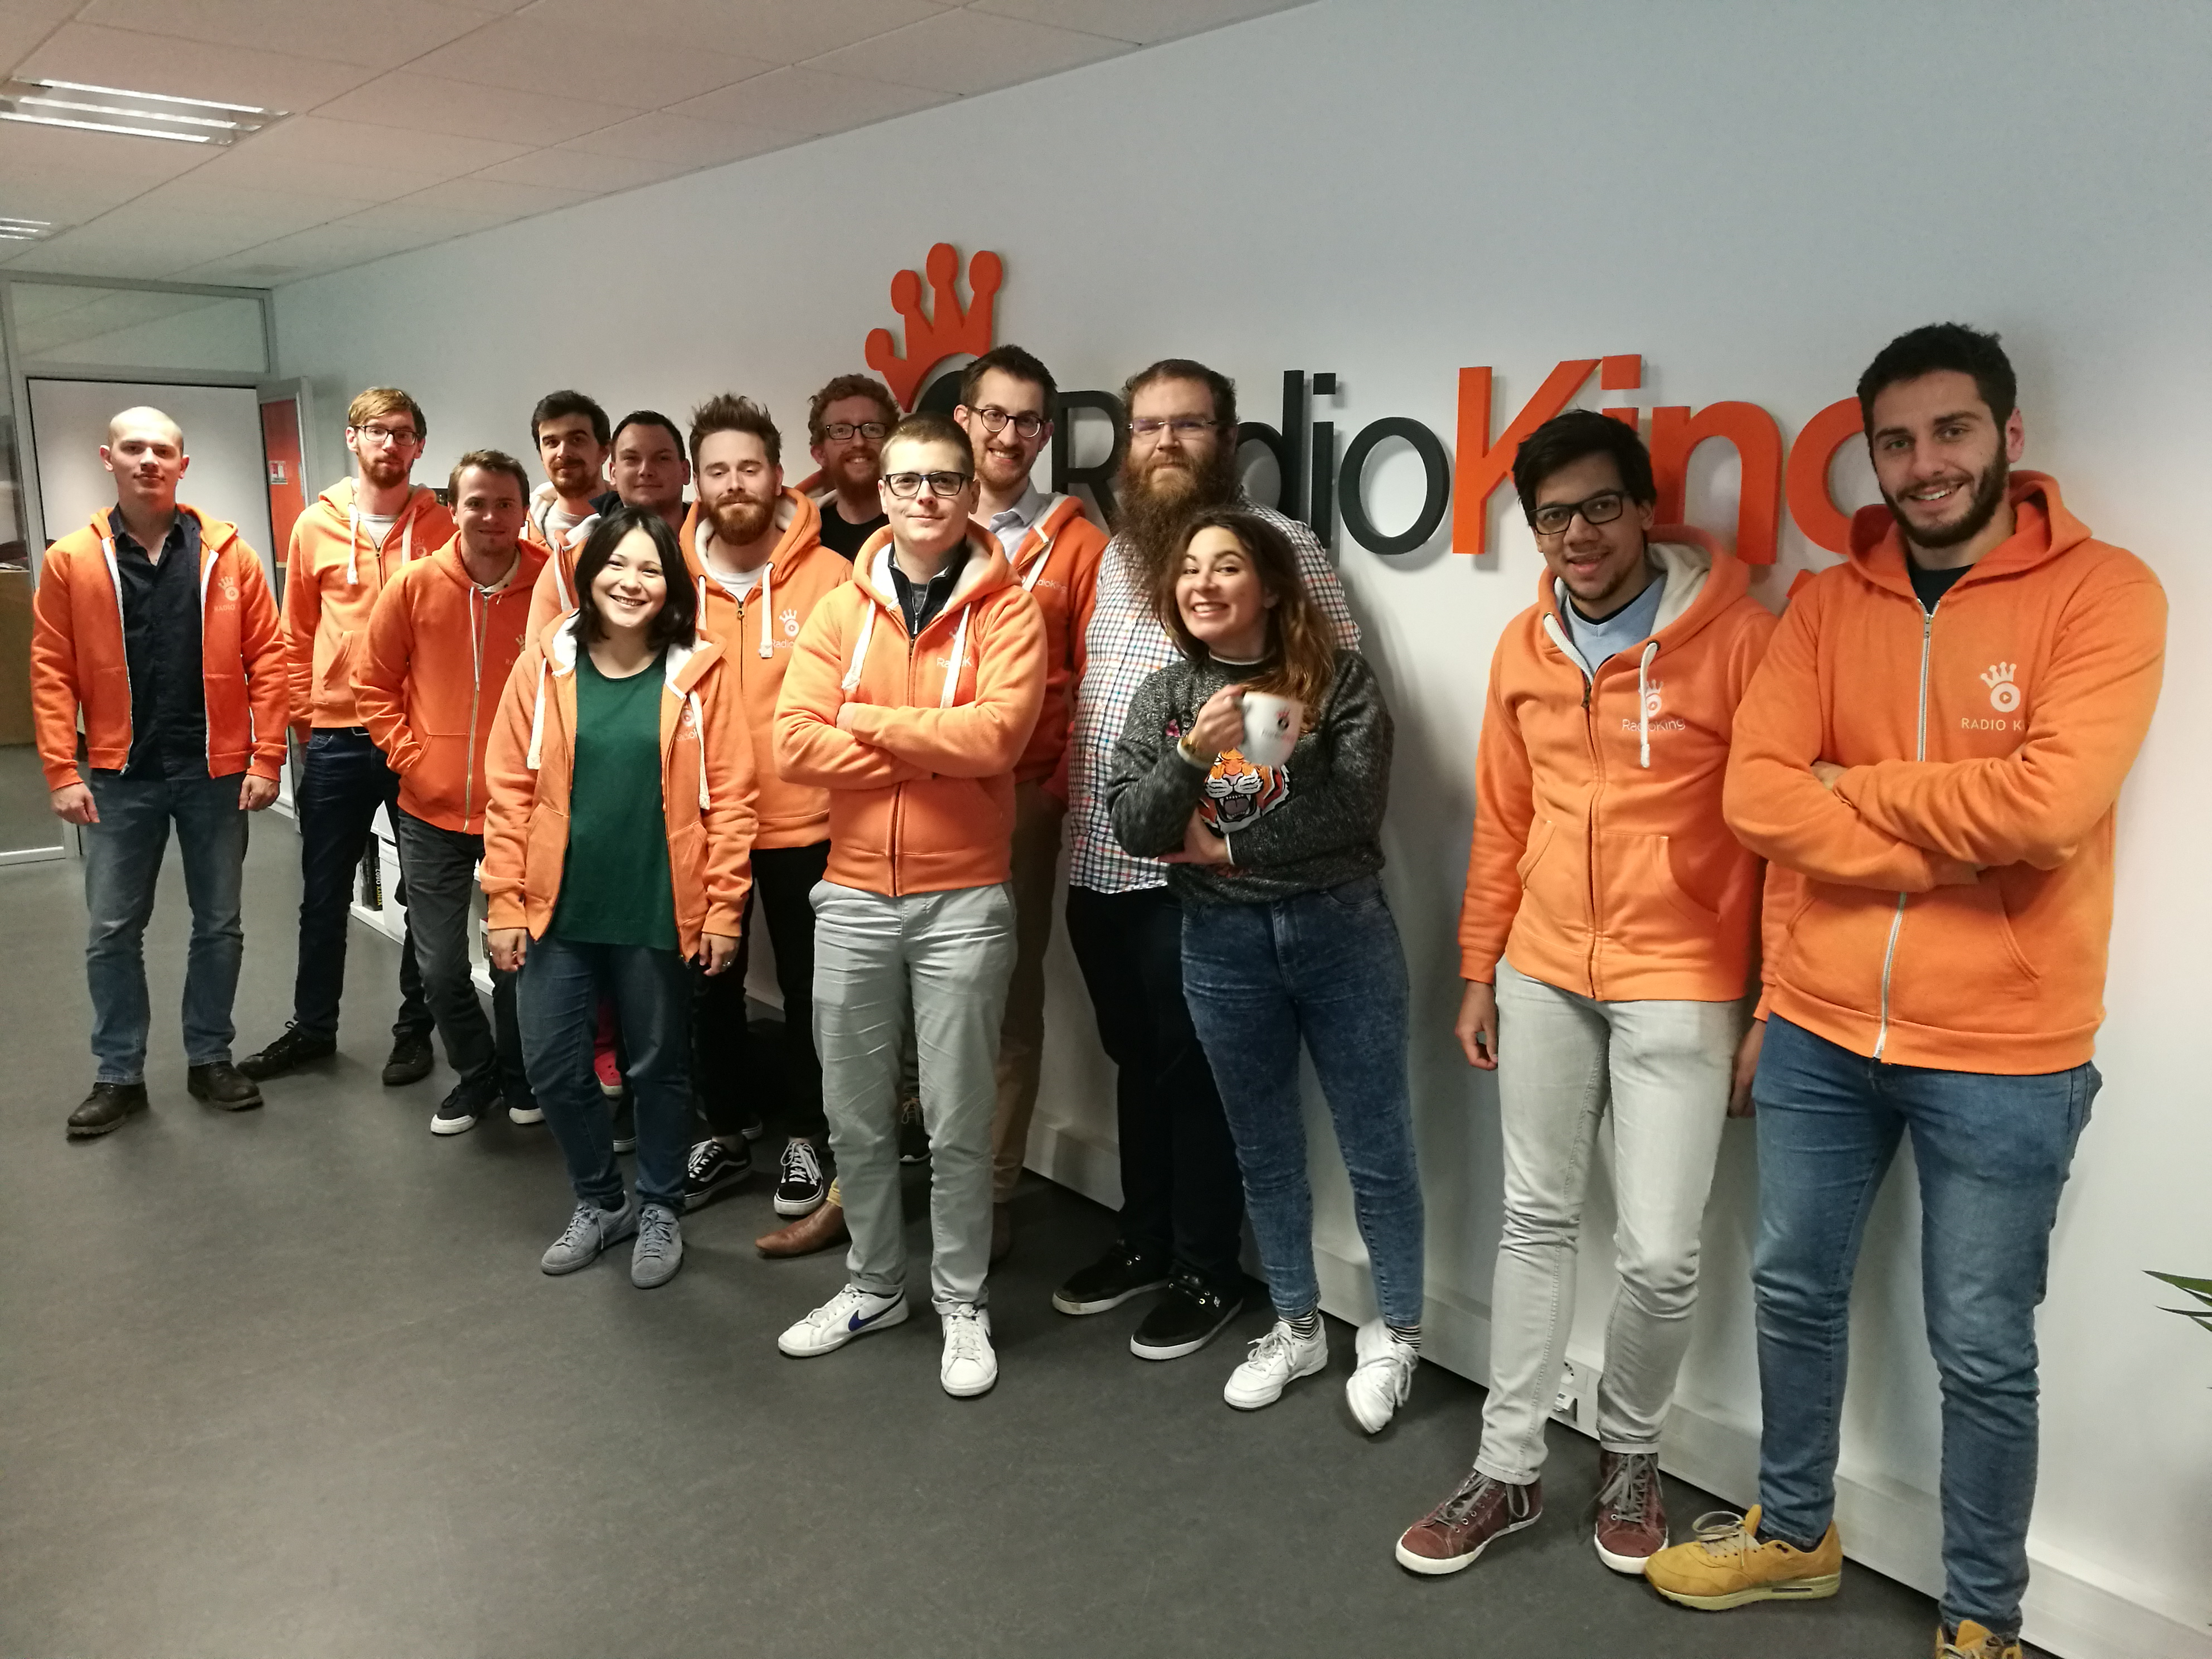 La jeune équipe de RadioKing. Moyenne d'âge : 25 ans. © 3XL Médias - Olivier Malcurat